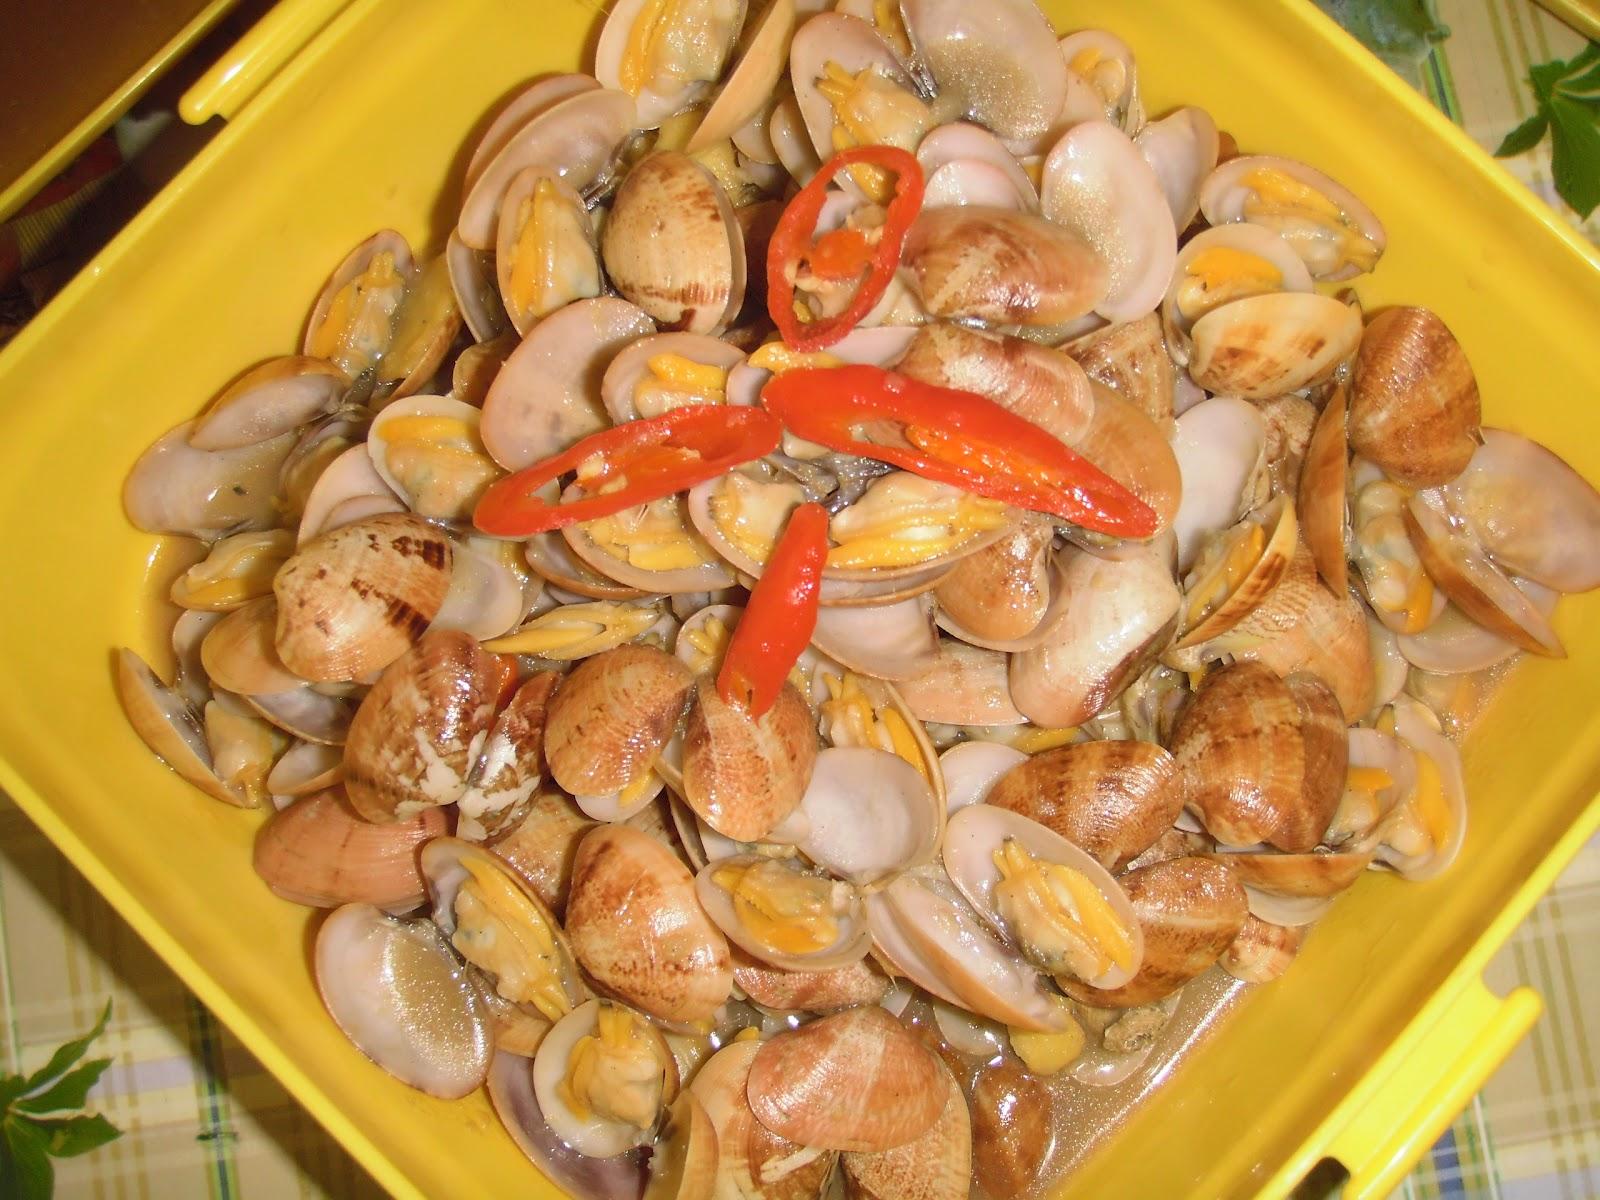 Resepi Gulai Ikan Barat - Quotes About h